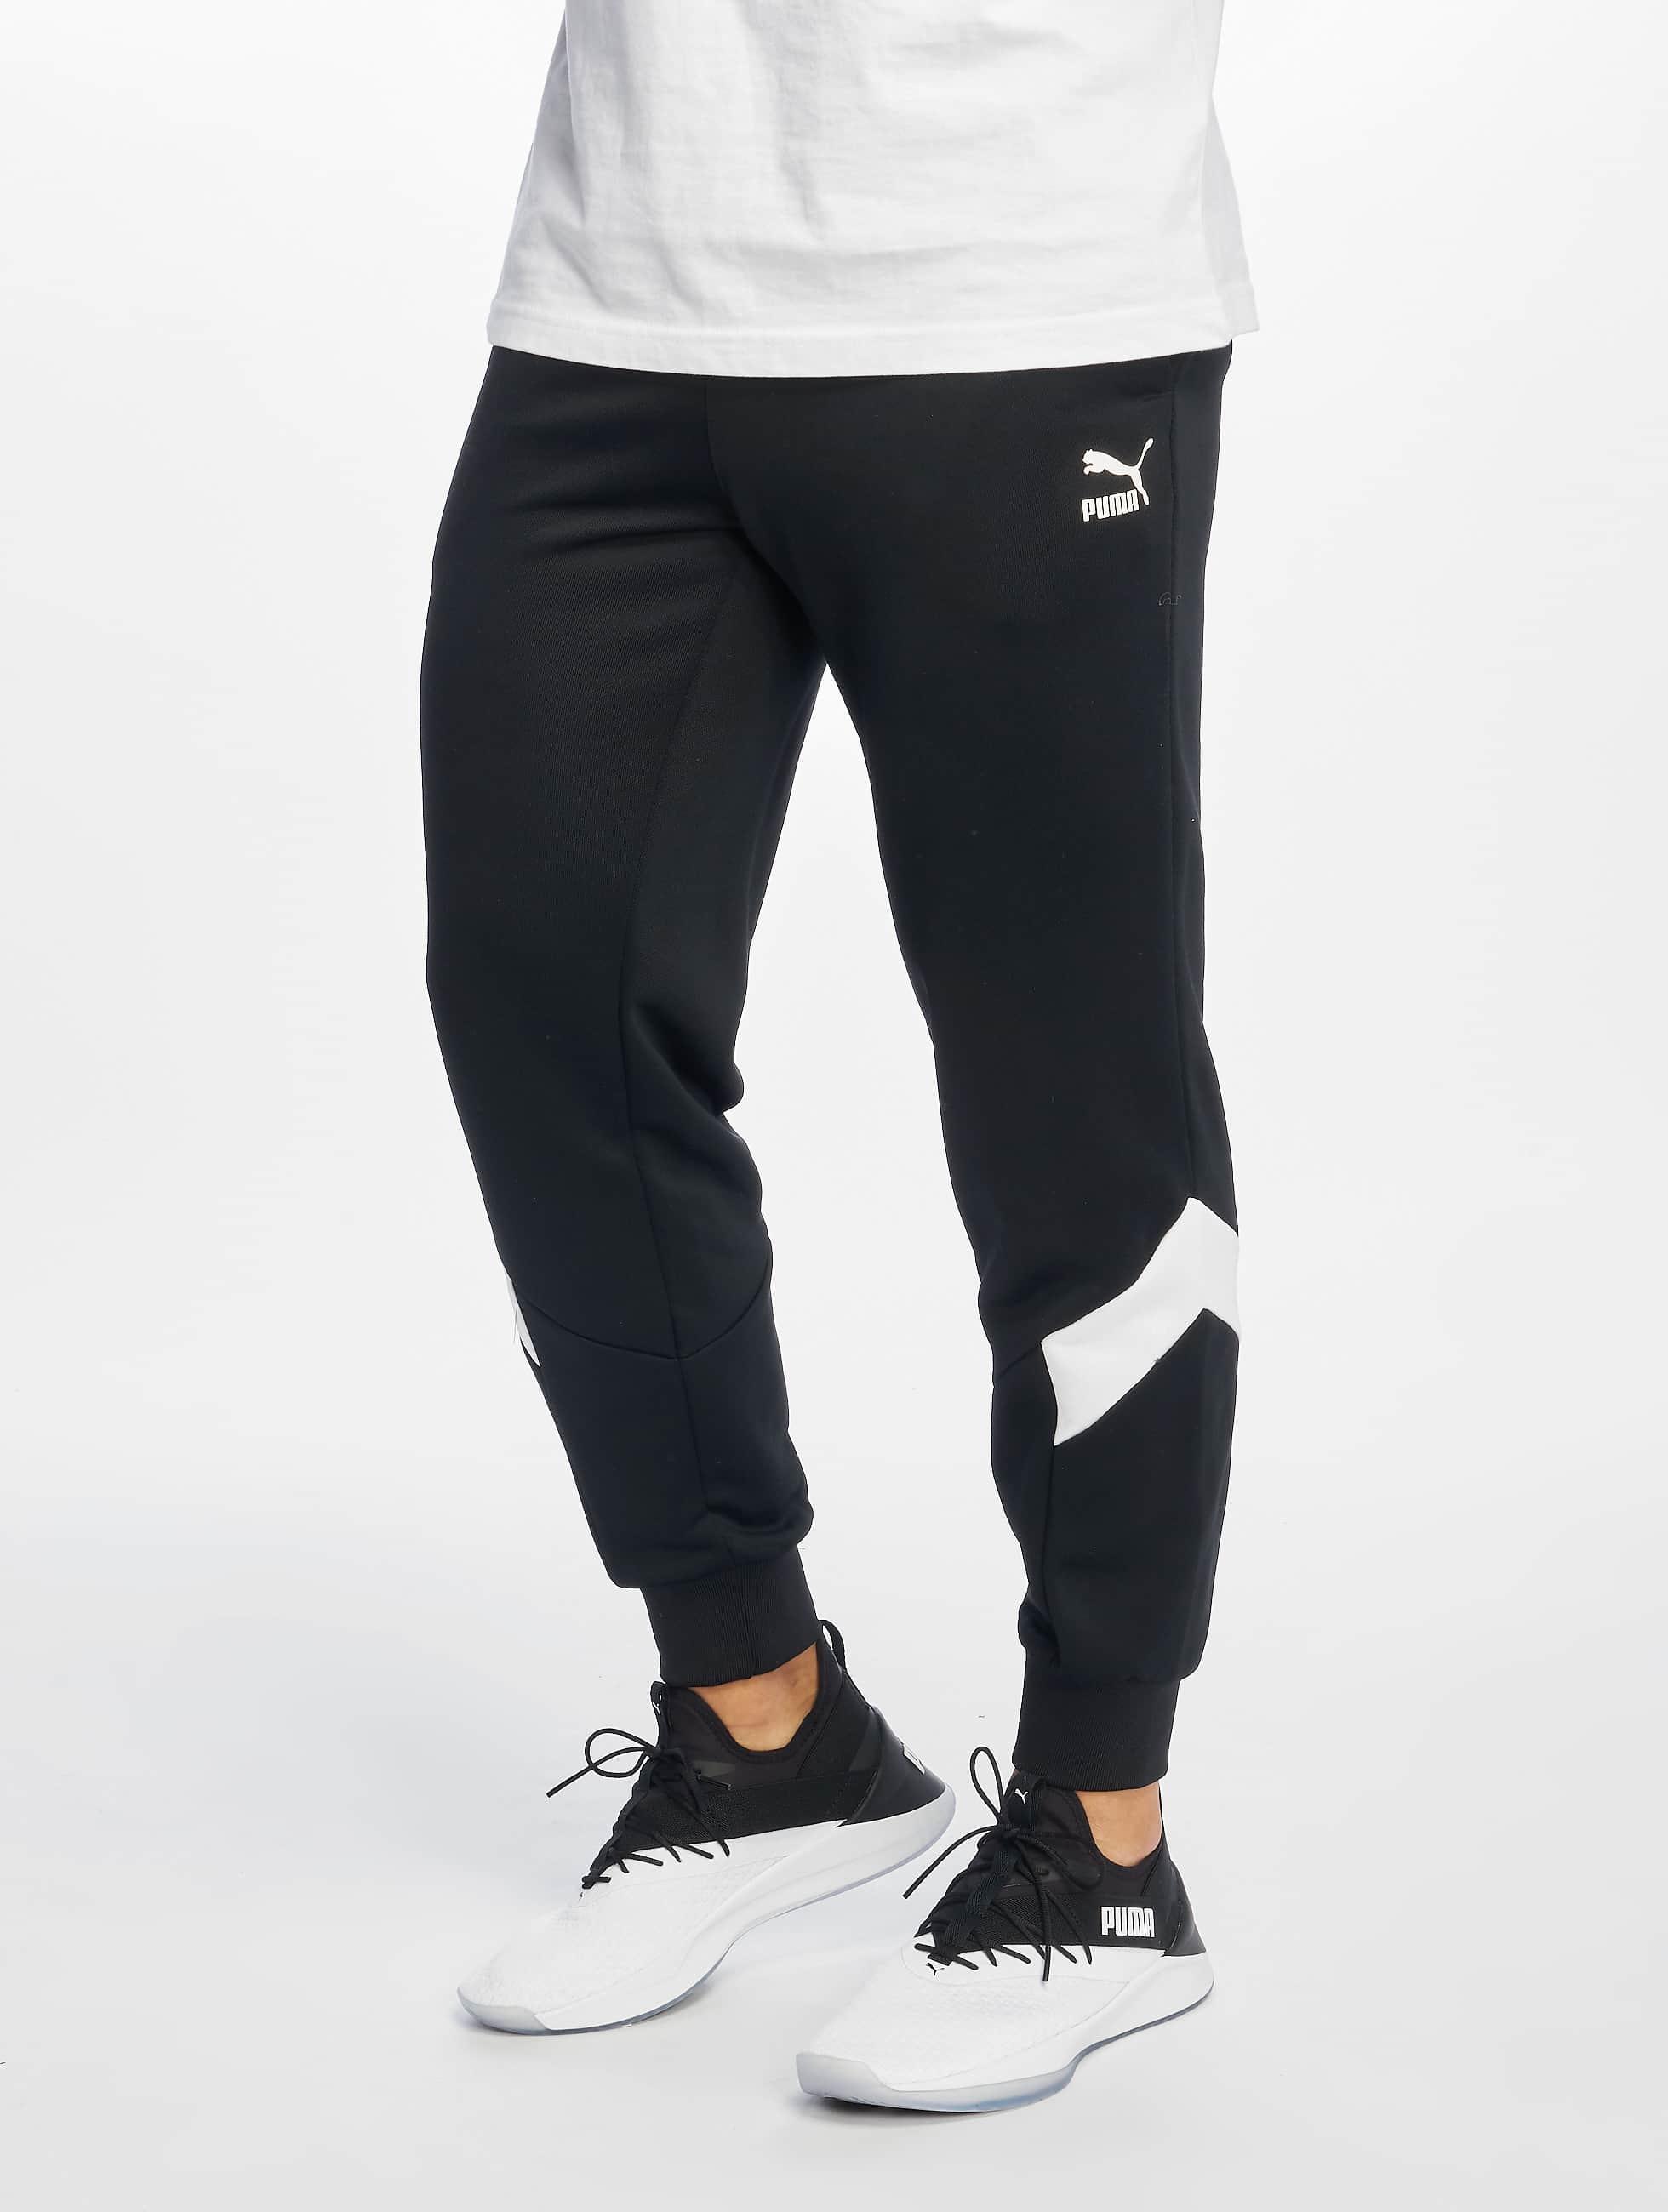 3b6be09361c Puma broek / joggingbroek Iconic Mcs in zwart 607492